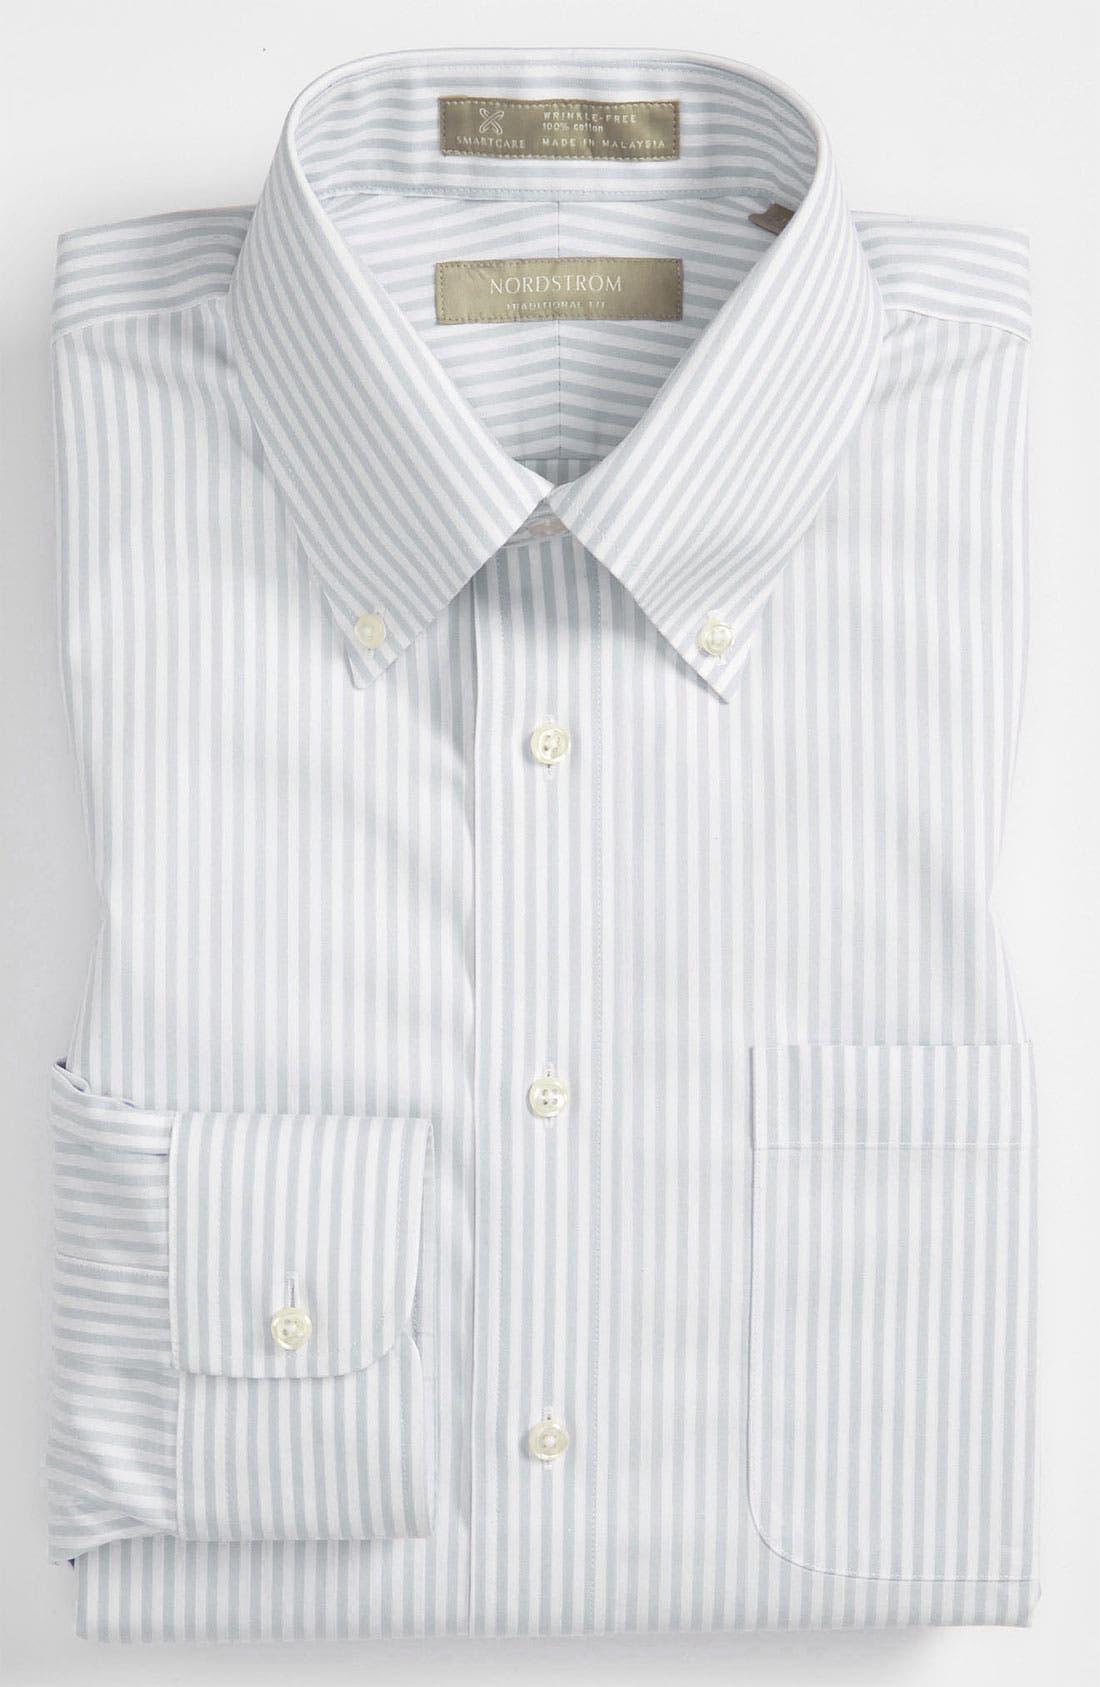 NORDSTROM MEN'S SHOP,                             Smartcare<sup>™</sup> Traditional Fit Stripe Dress Shirt,                             Main thumbnail 1, color,                             020